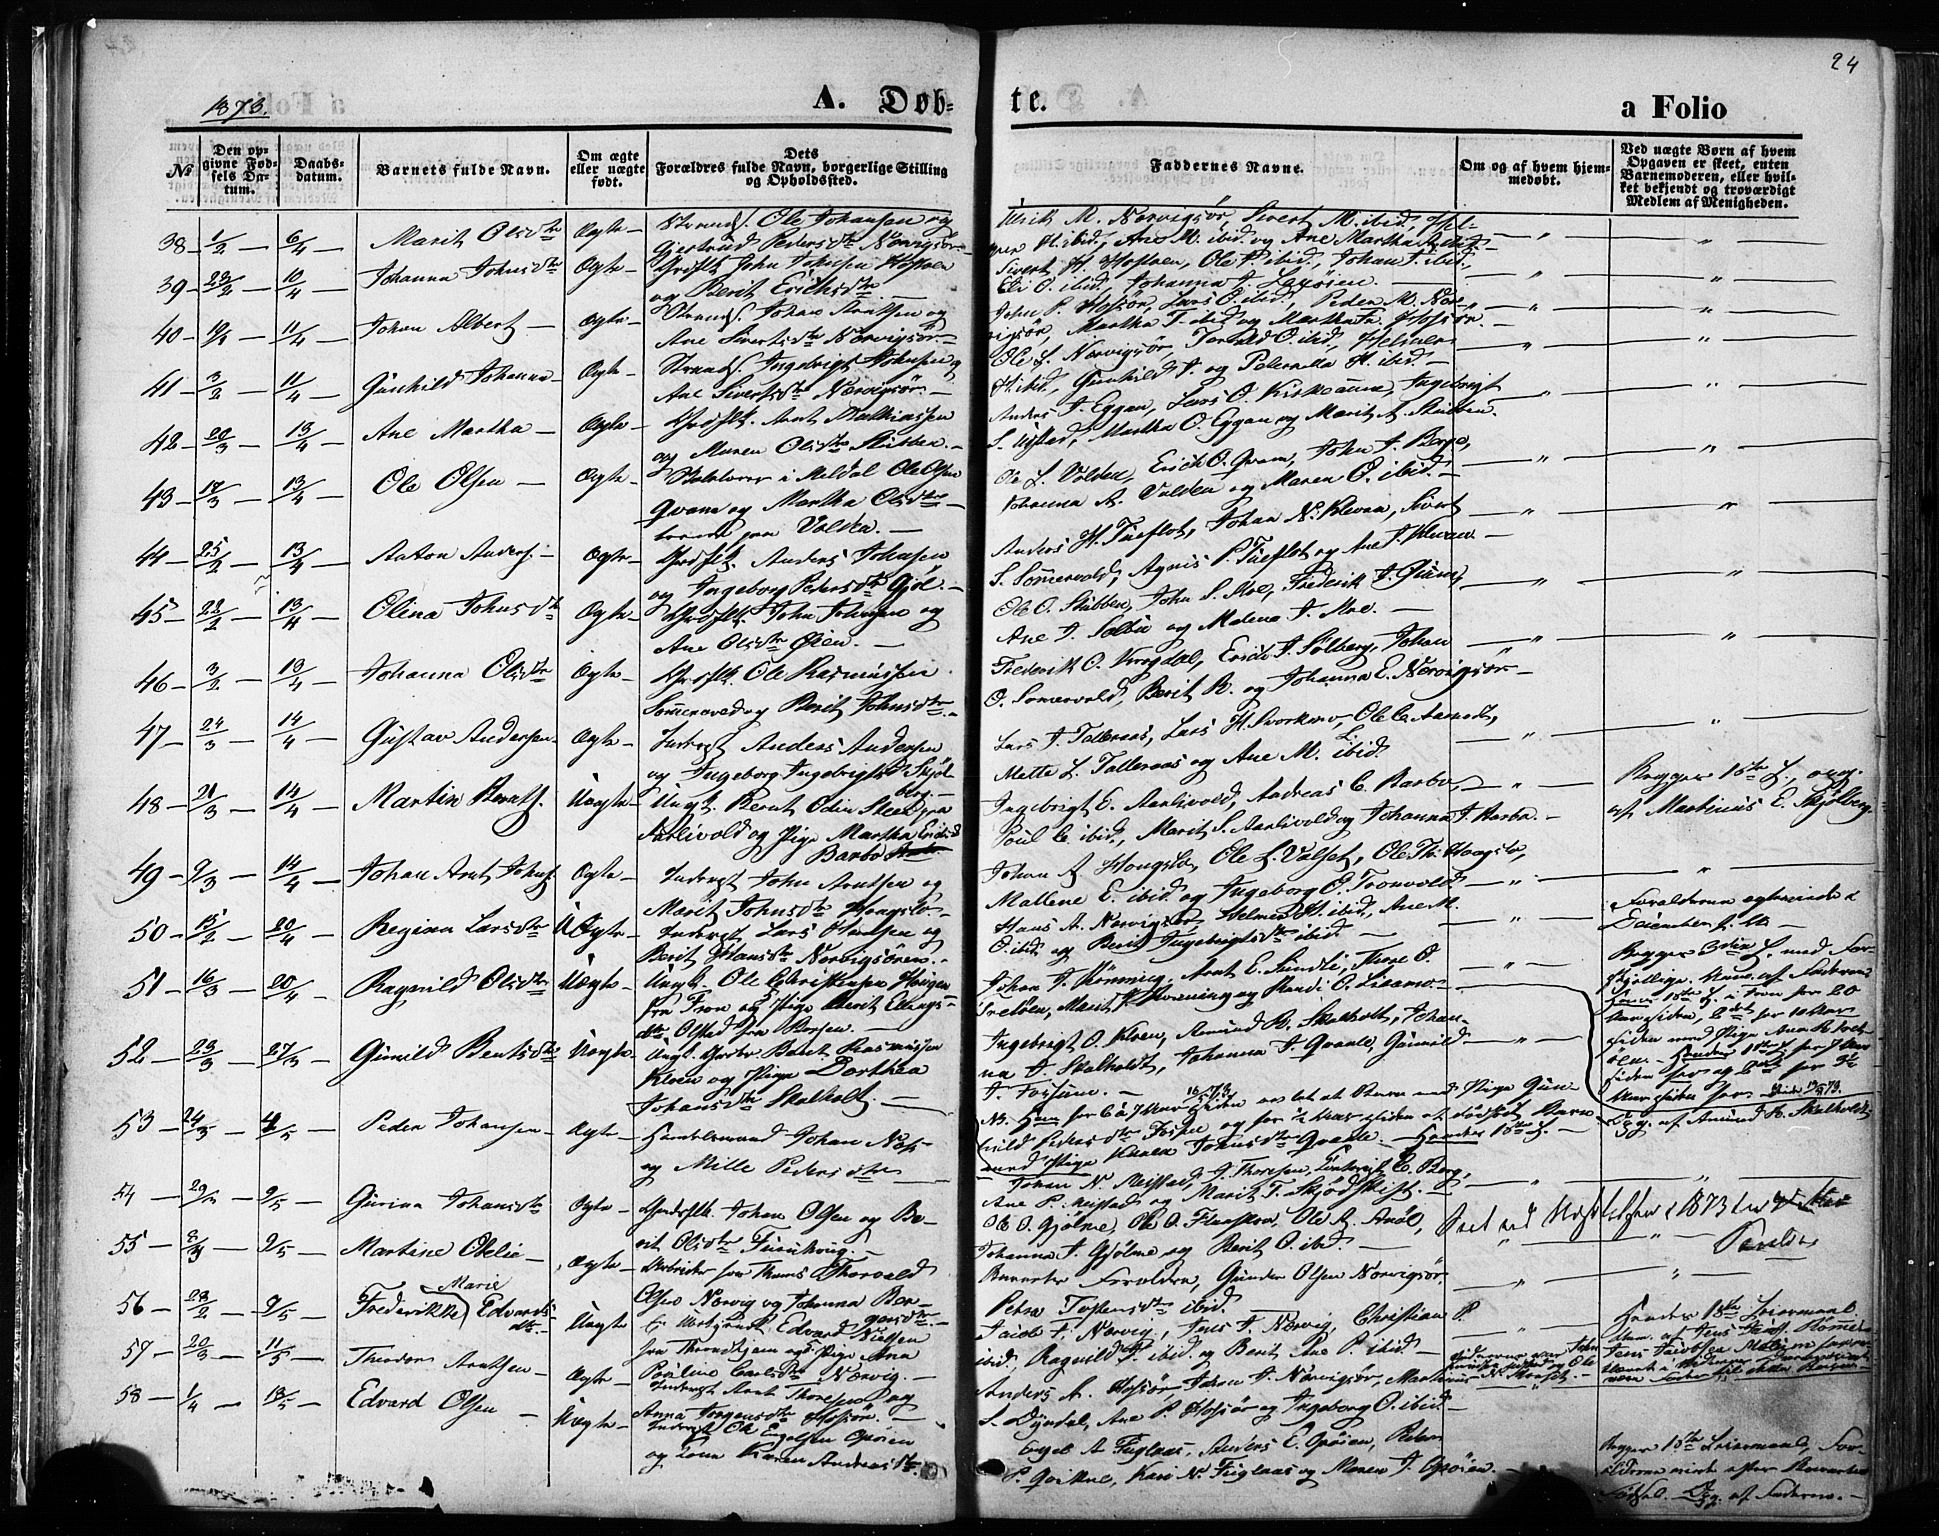 SAT, Ministerialprotokoller, klokkerbøker og fødselsregistre - Sør-Trøndelag, 668/L0807: Ministerialbok nr. 668A07, 1870-1880, s. 24